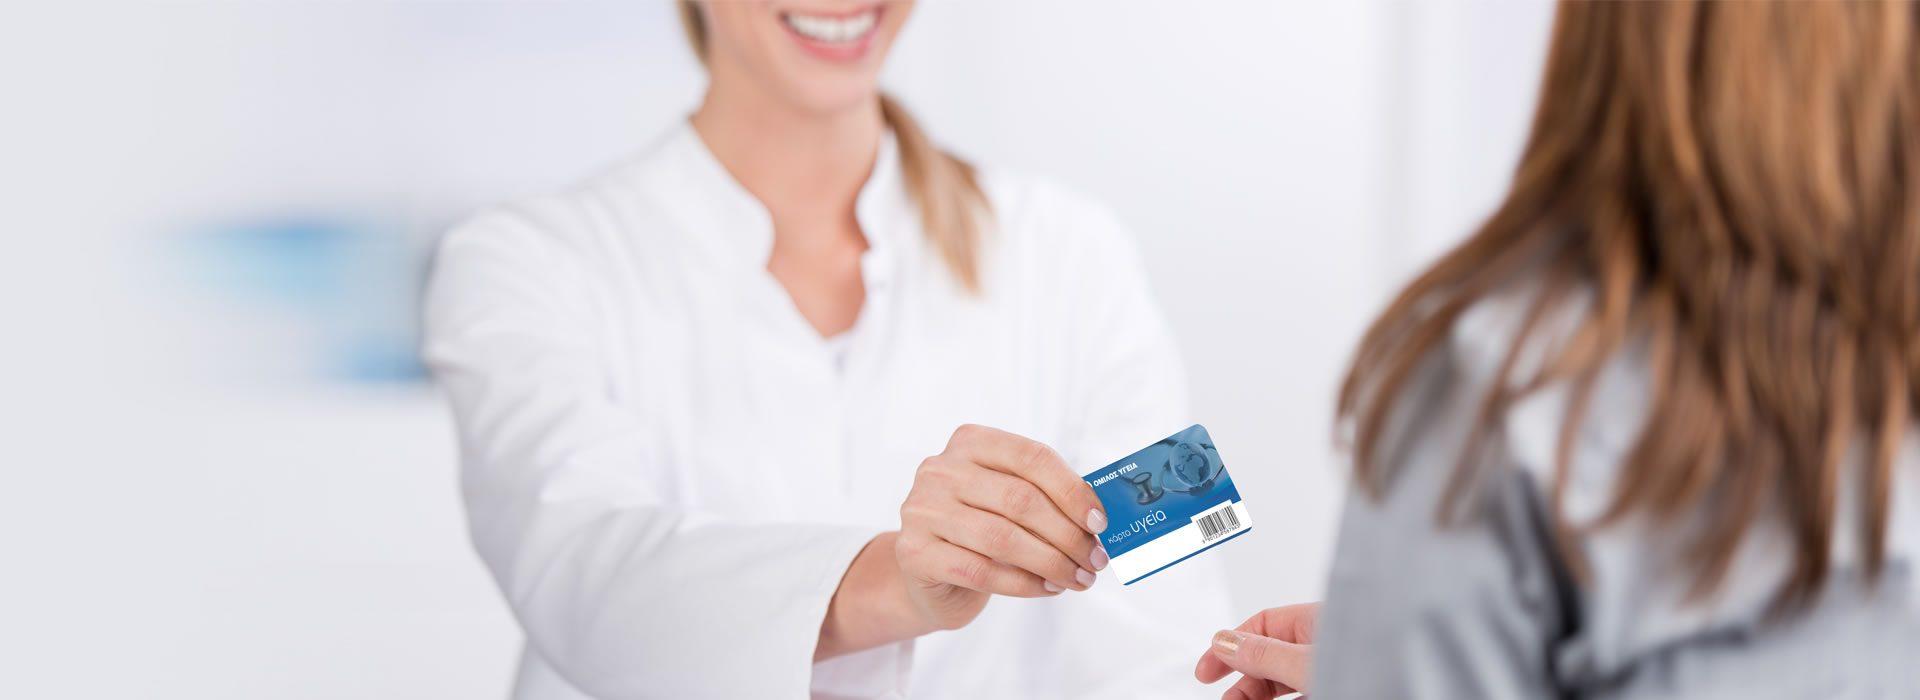 ραντεβού χωρίς πιστωτική κάρτα ο ραβίνος ζέτσαρια βάλερστιν χρονολογείται και ο γάμος